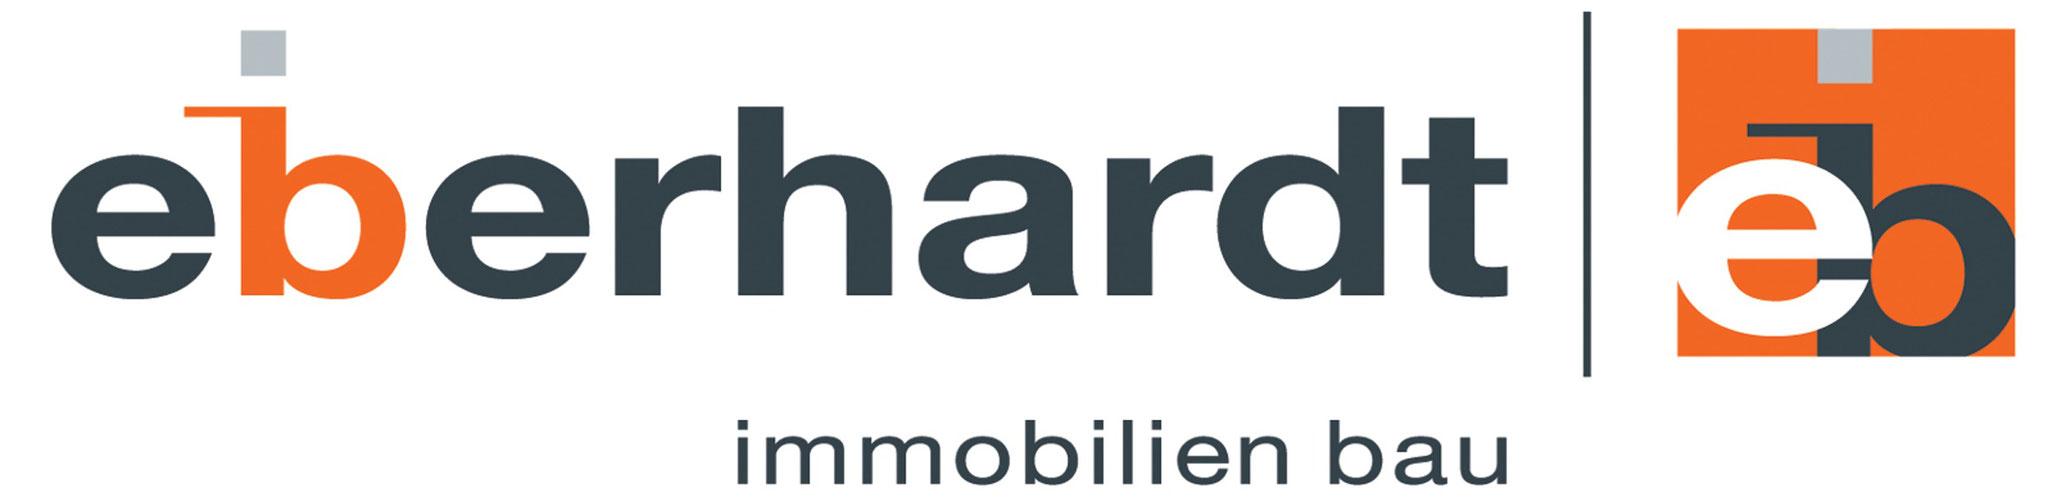 http://www.eberhardt-immobilienbau.de/